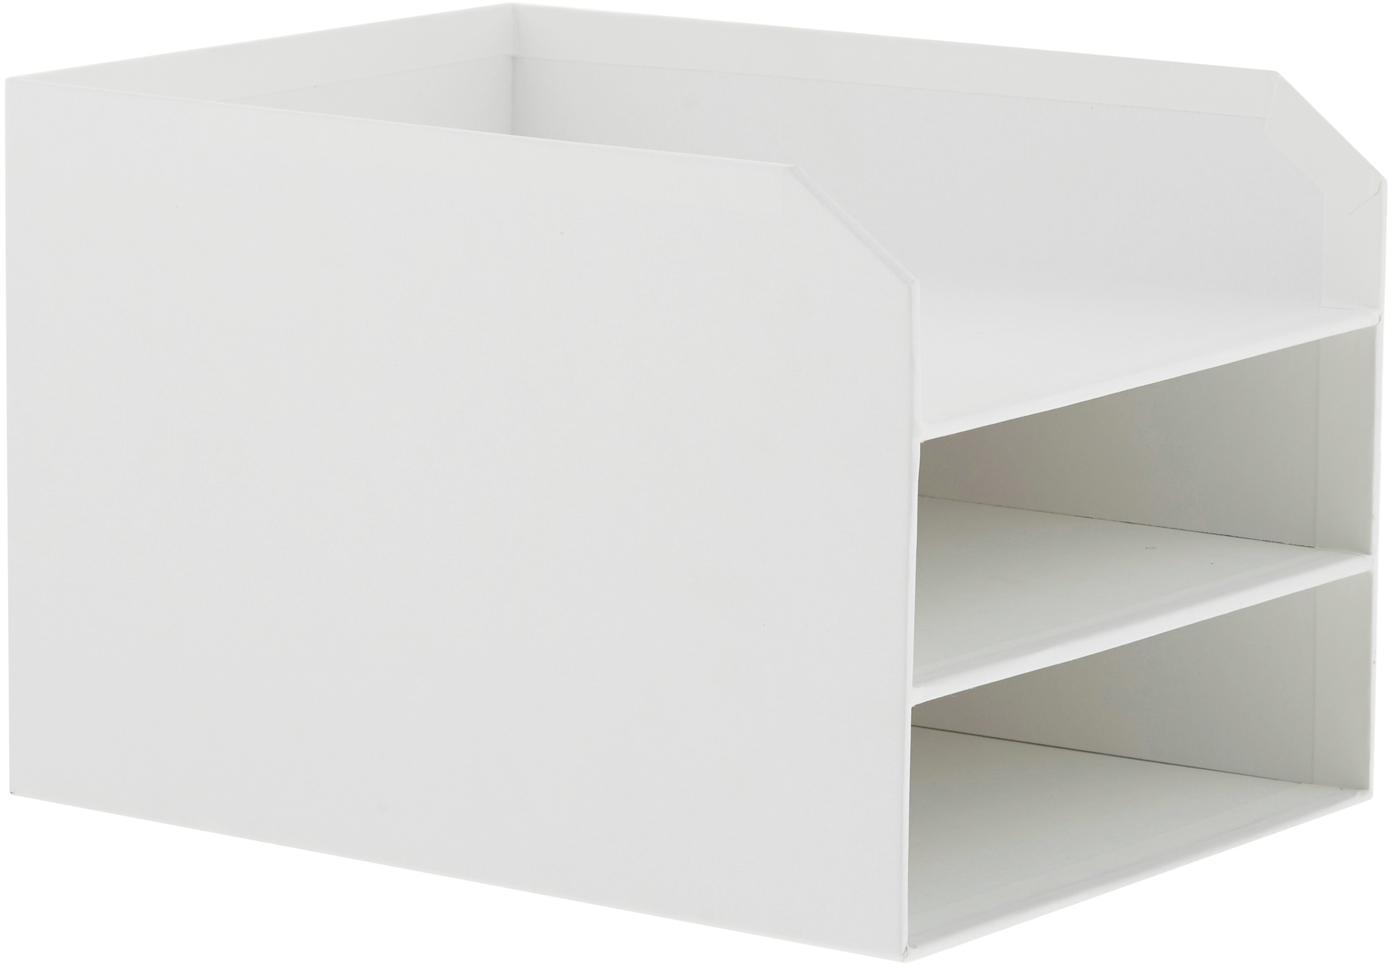 Dokumenten-Ablage Trey, Fester, laminierter Karton, Weiss, 23 x 21 cm